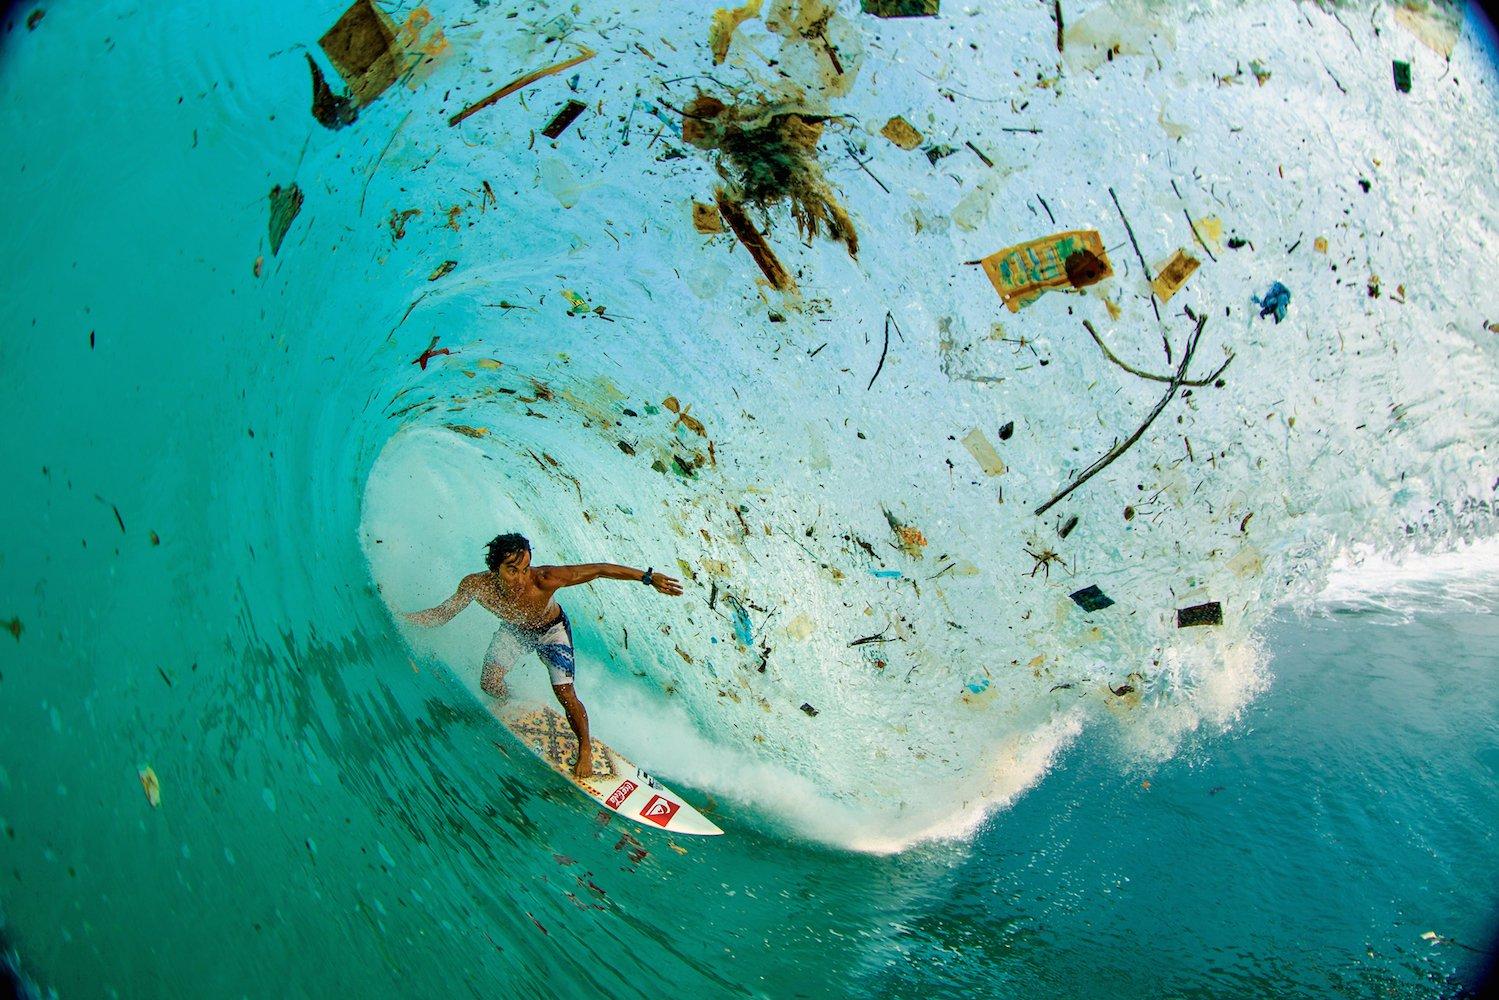 Каждую неделю мы съедаем до 5 граммов пластика: Это опасно?